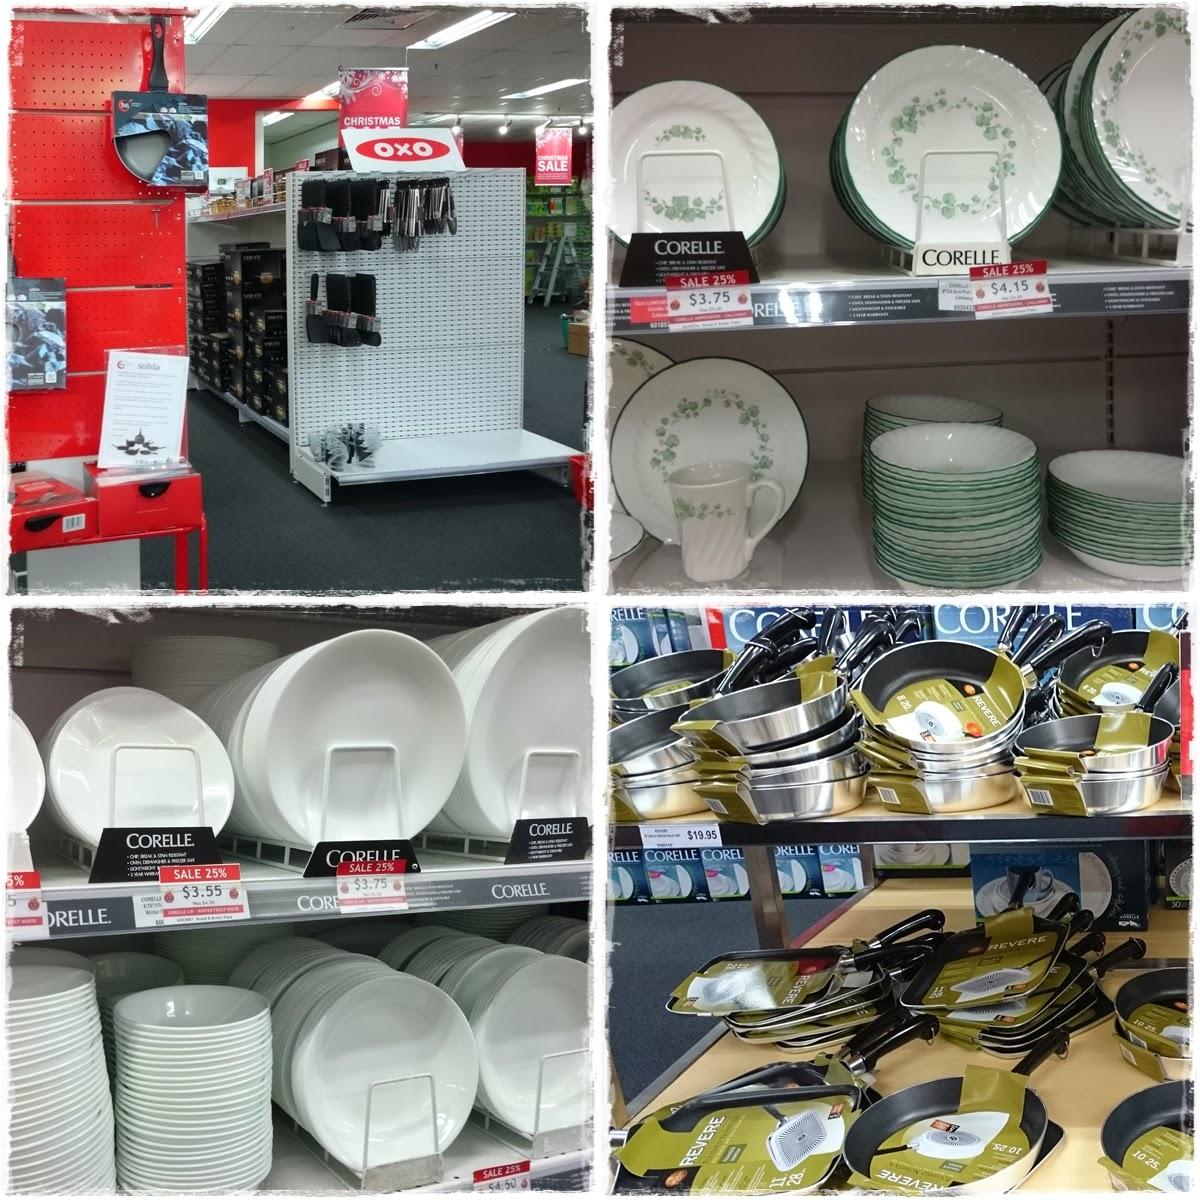 Kedai Menjual Peralatan Dapur Desainrumahid